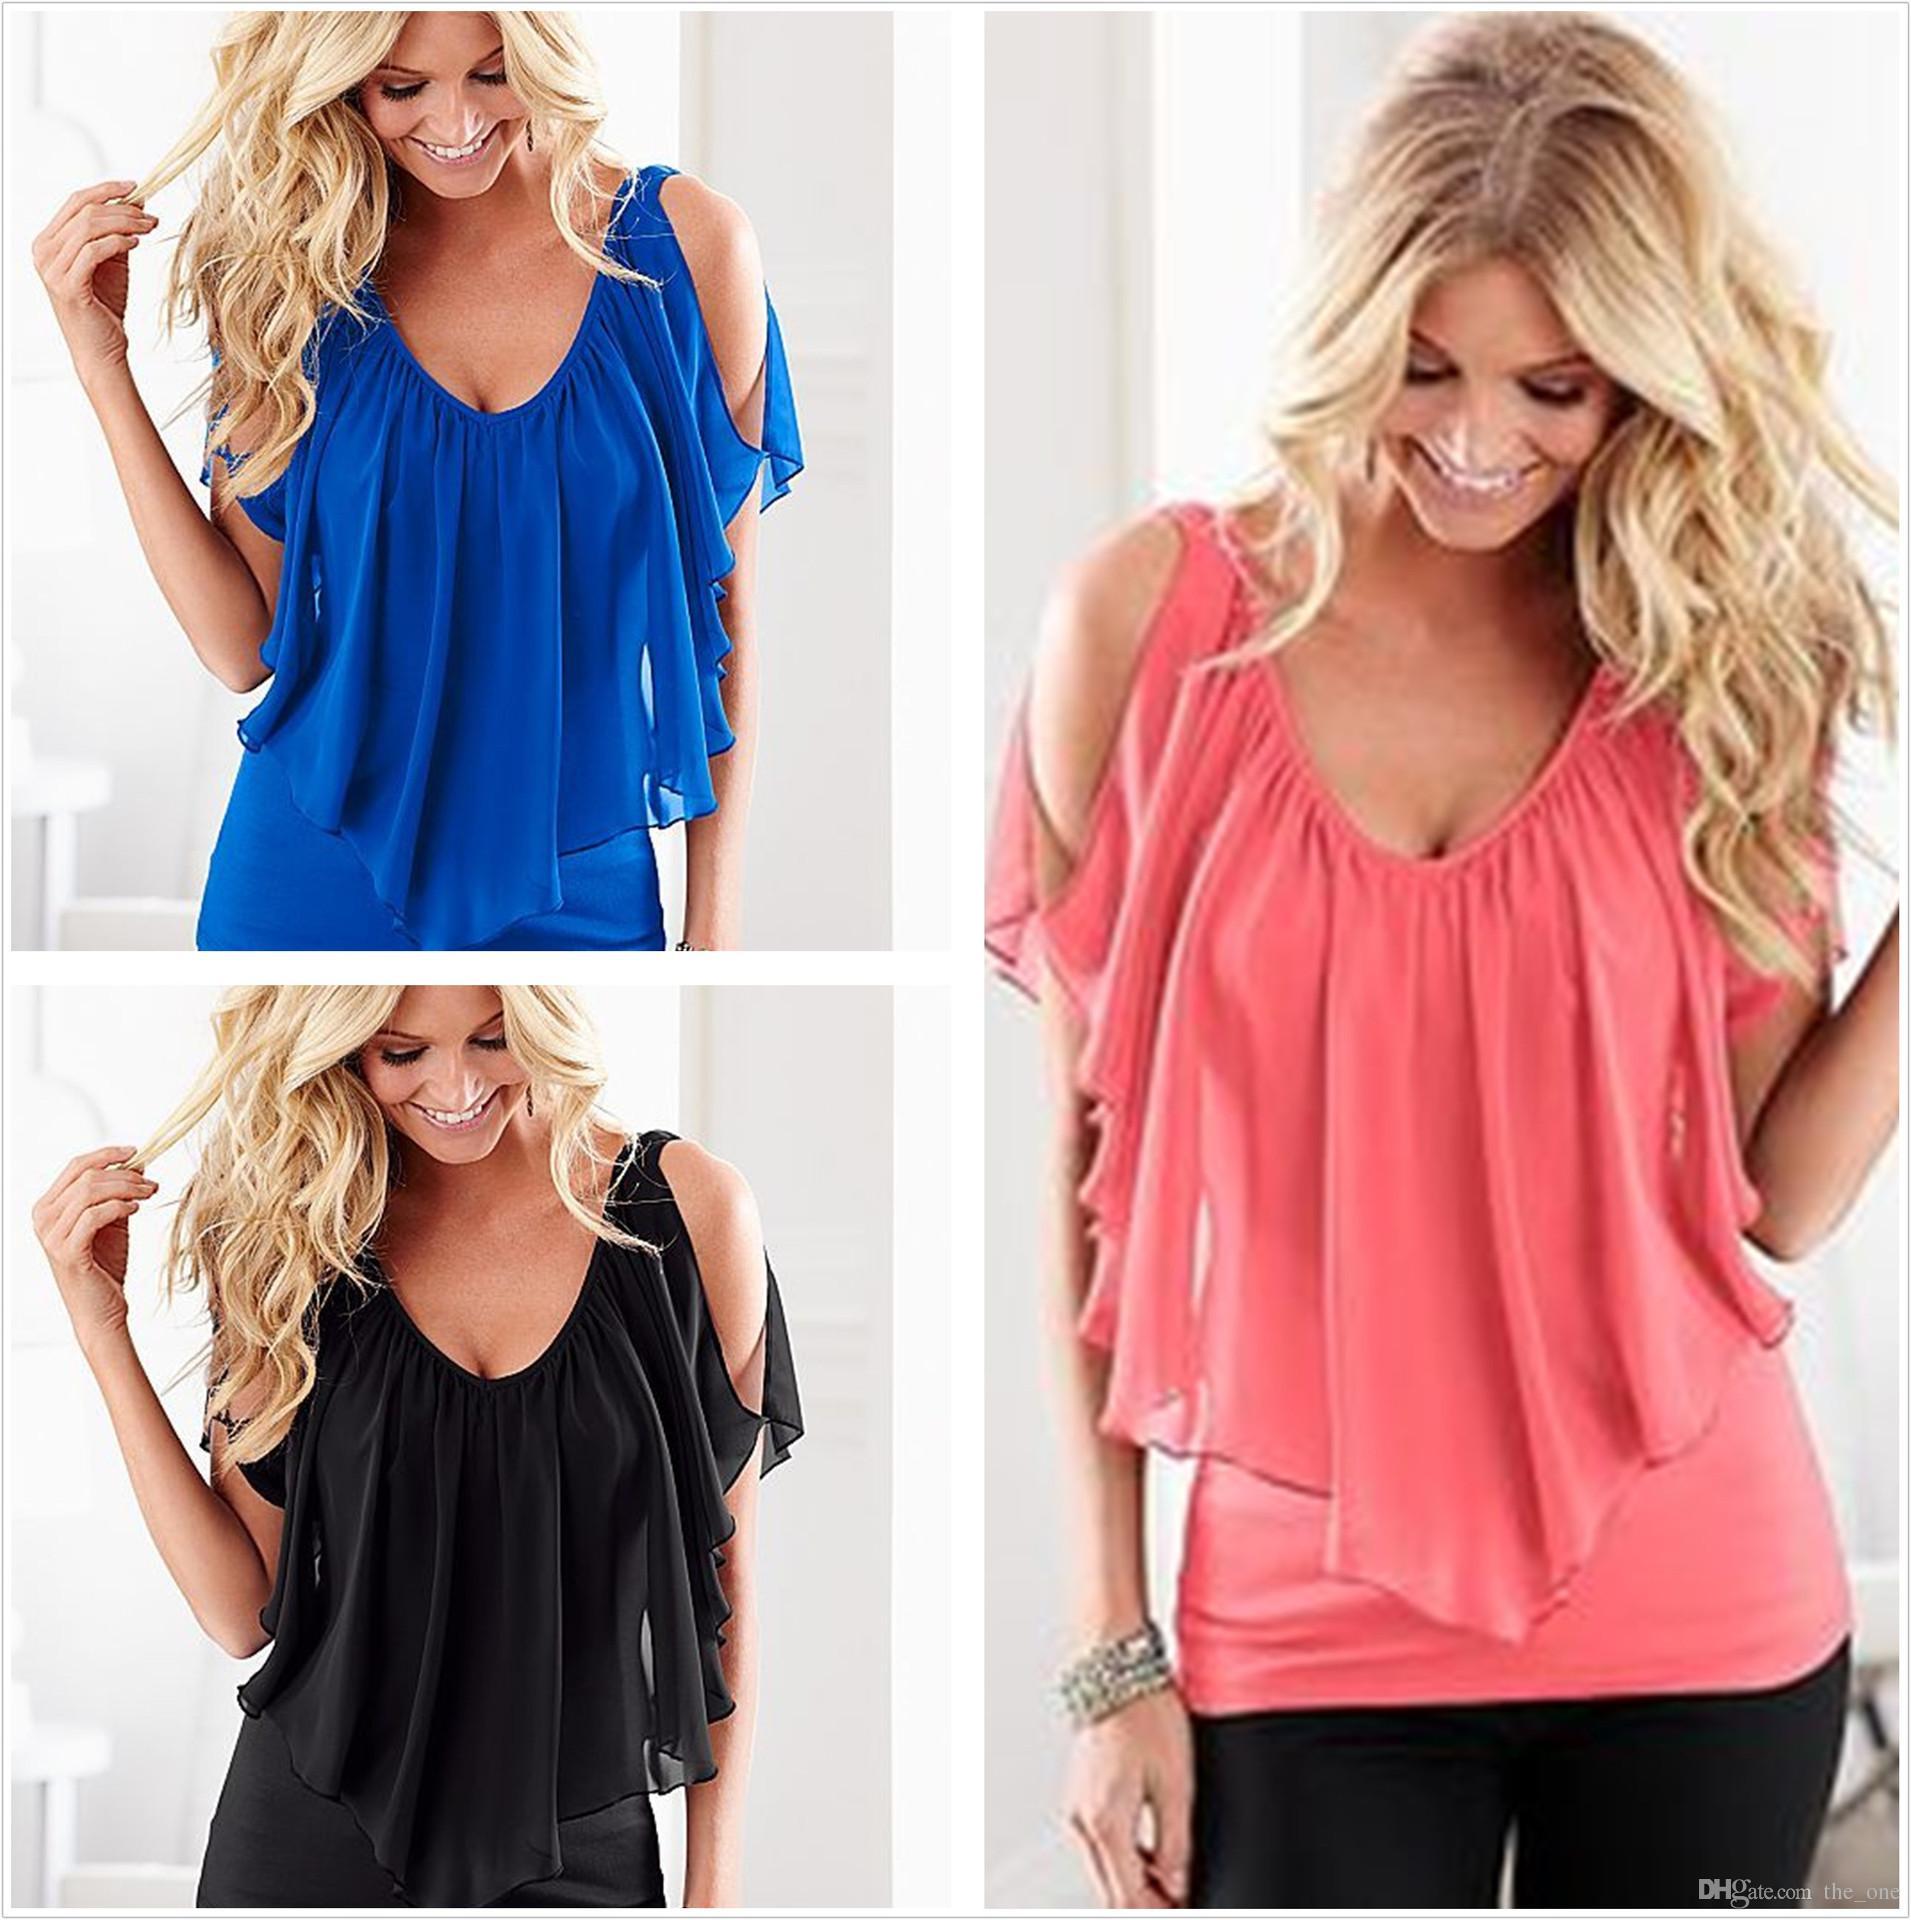 Мода женщины лето шифон футболка Шаль глубокий V шеи стрейч ткань повседневная с коротким рукавом Женская одежда плюс размер материнства топы 8 цветов